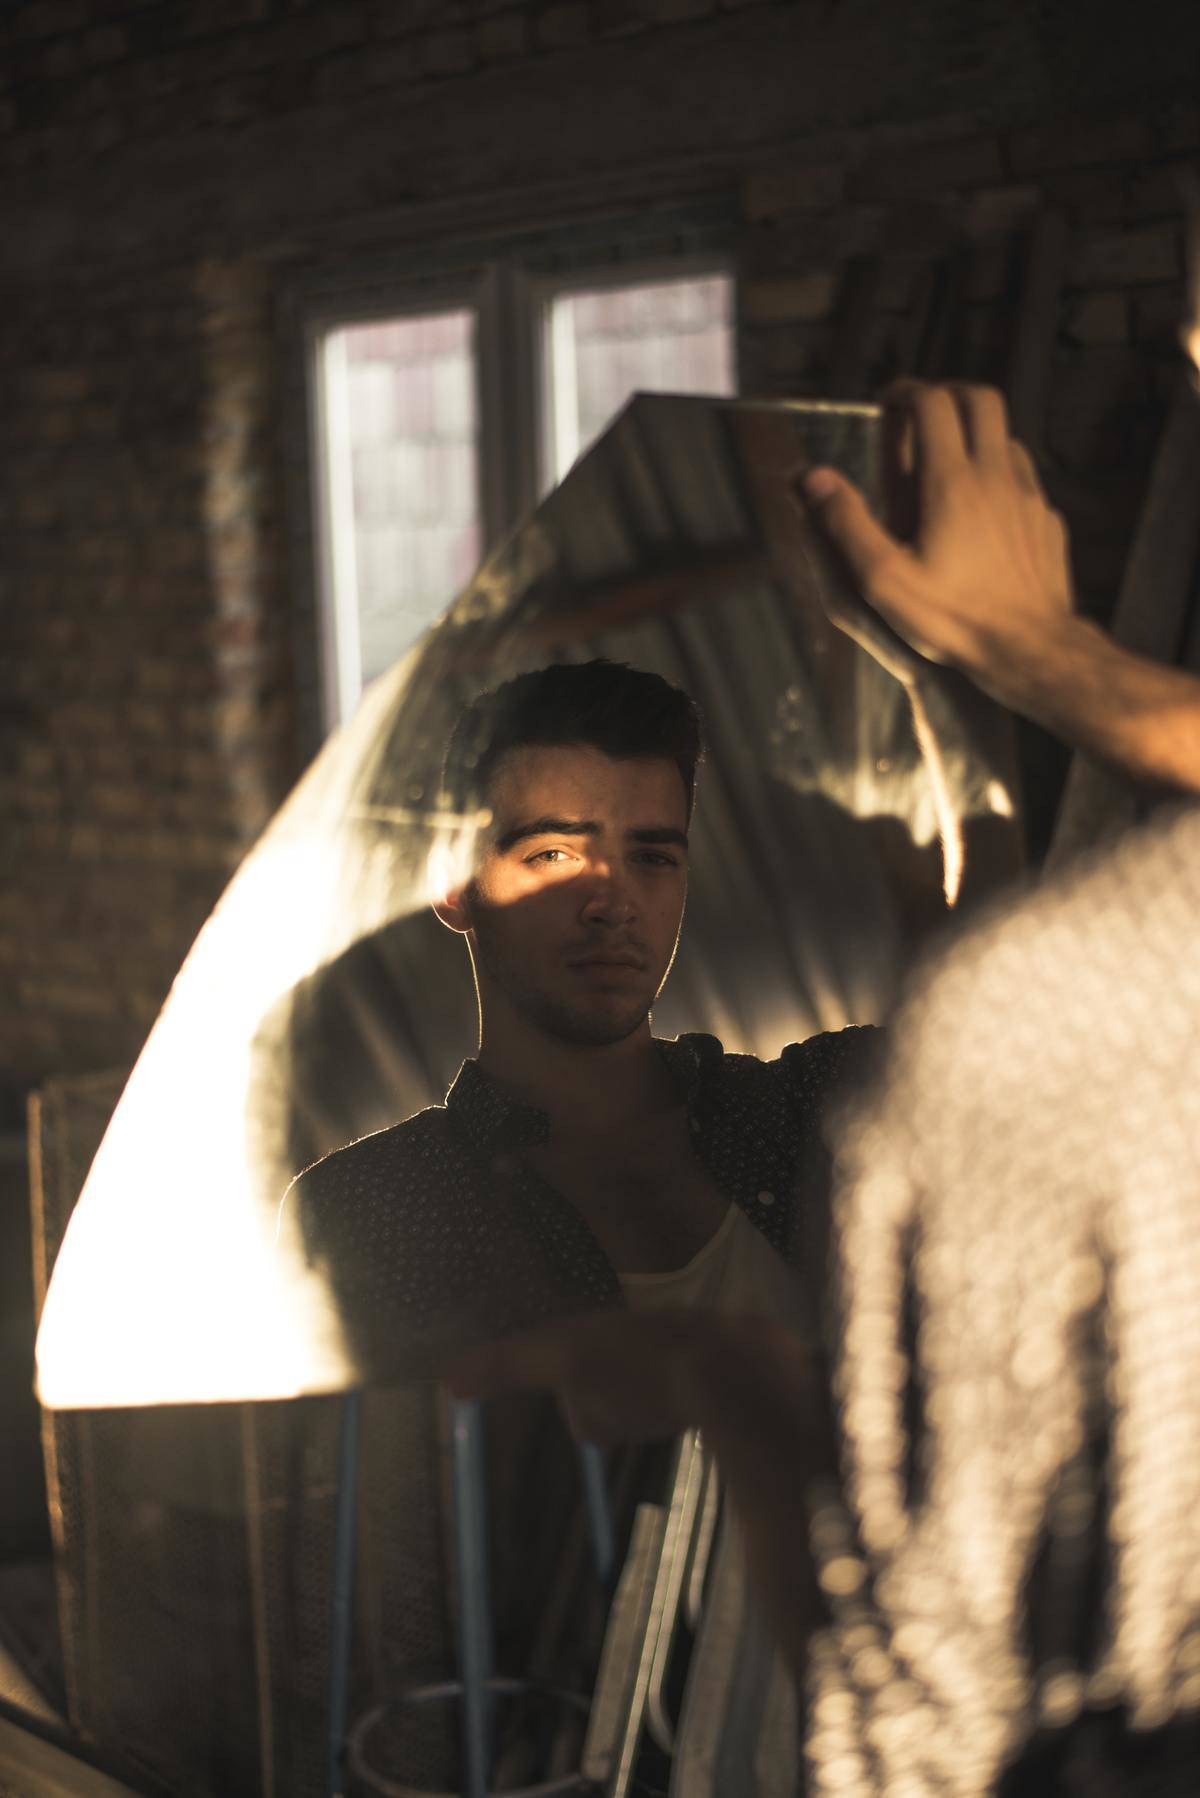 man looking into a broken mirror